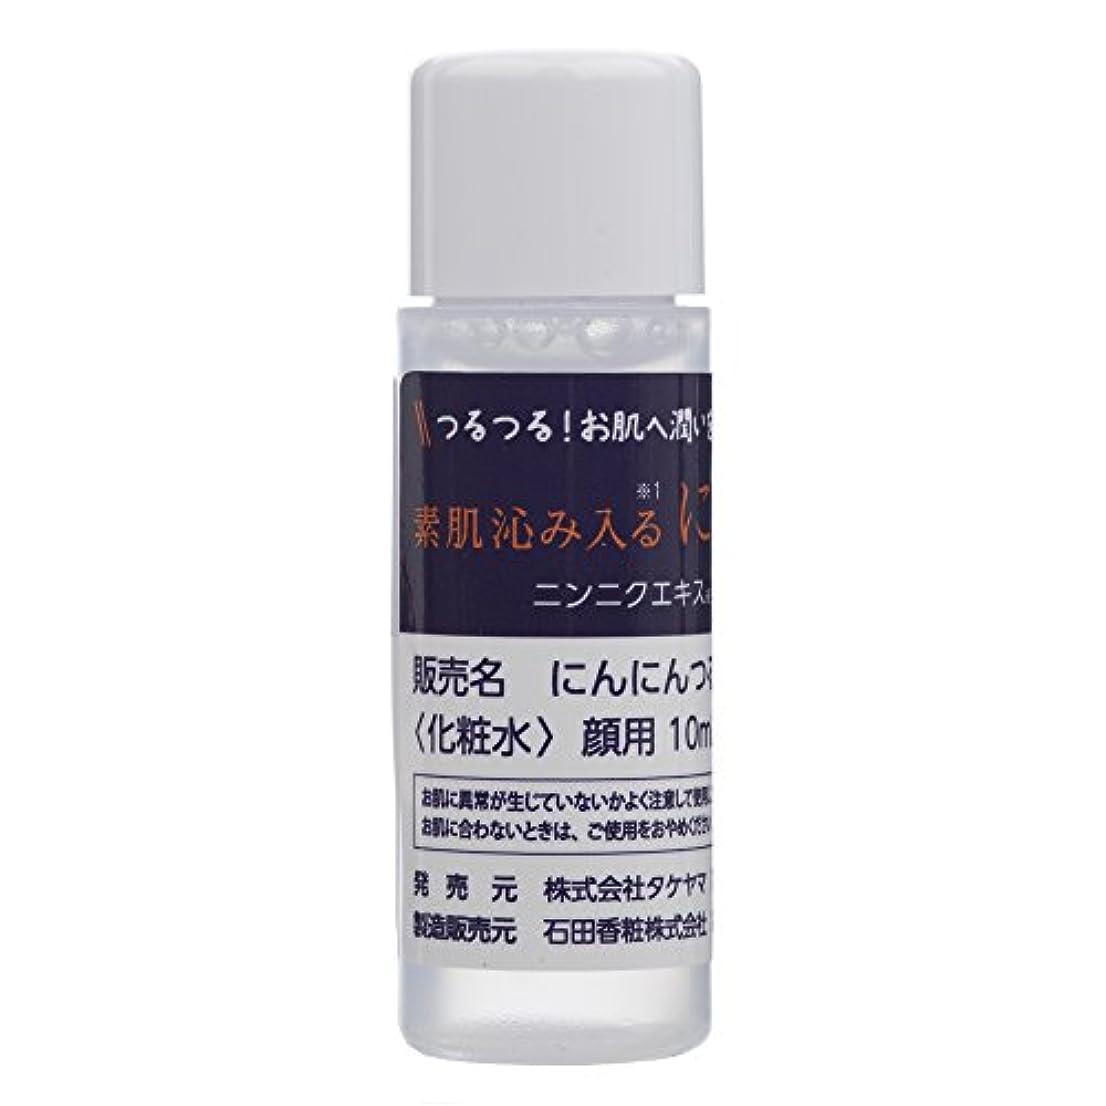 発表する暴露するソートにんにんつるり お肌の健康と潤いを保つ化粧水です。 10ml